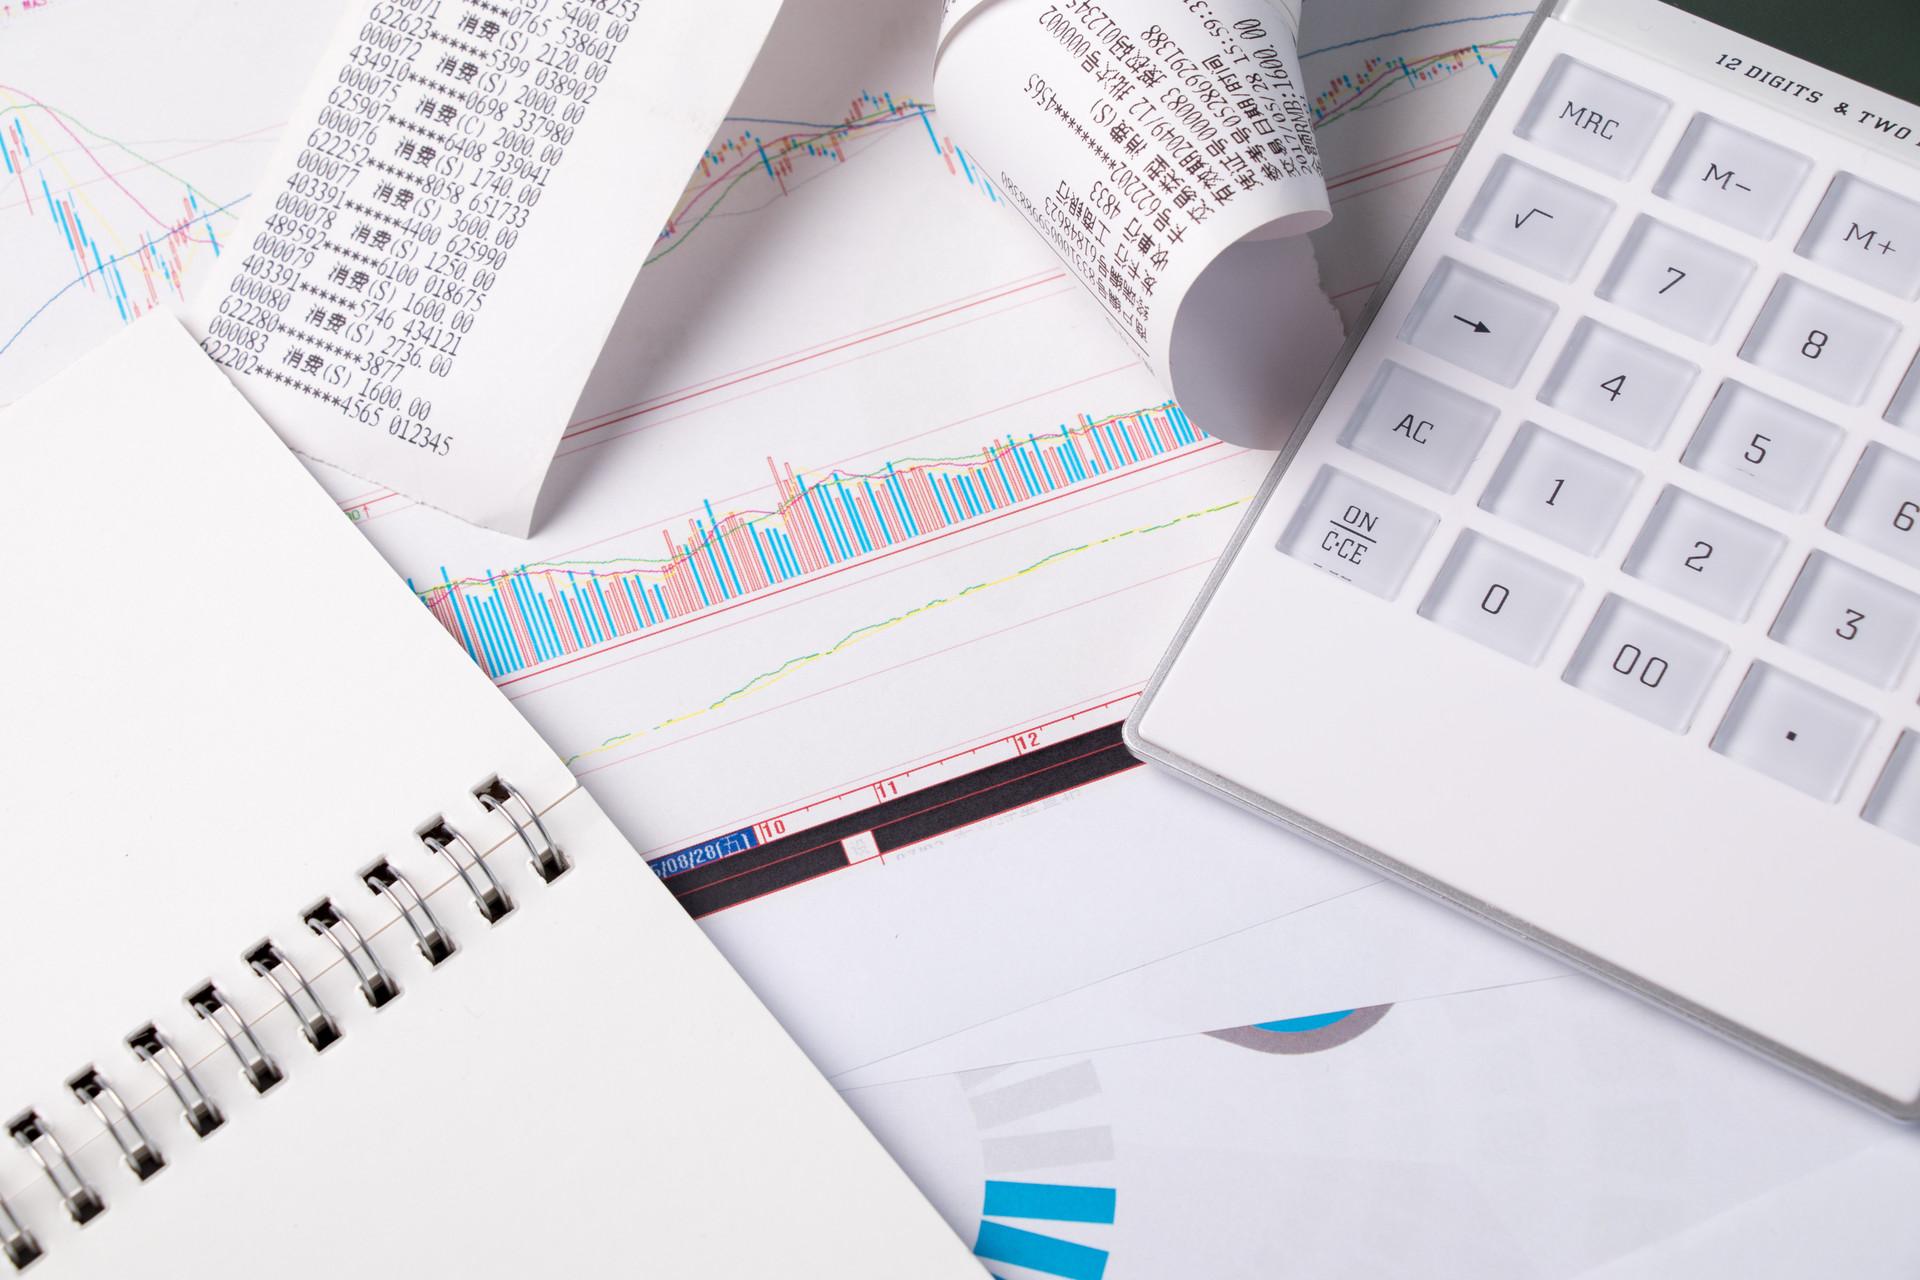 工资条发送邮箱的标准模板:应该注明哪些信息?